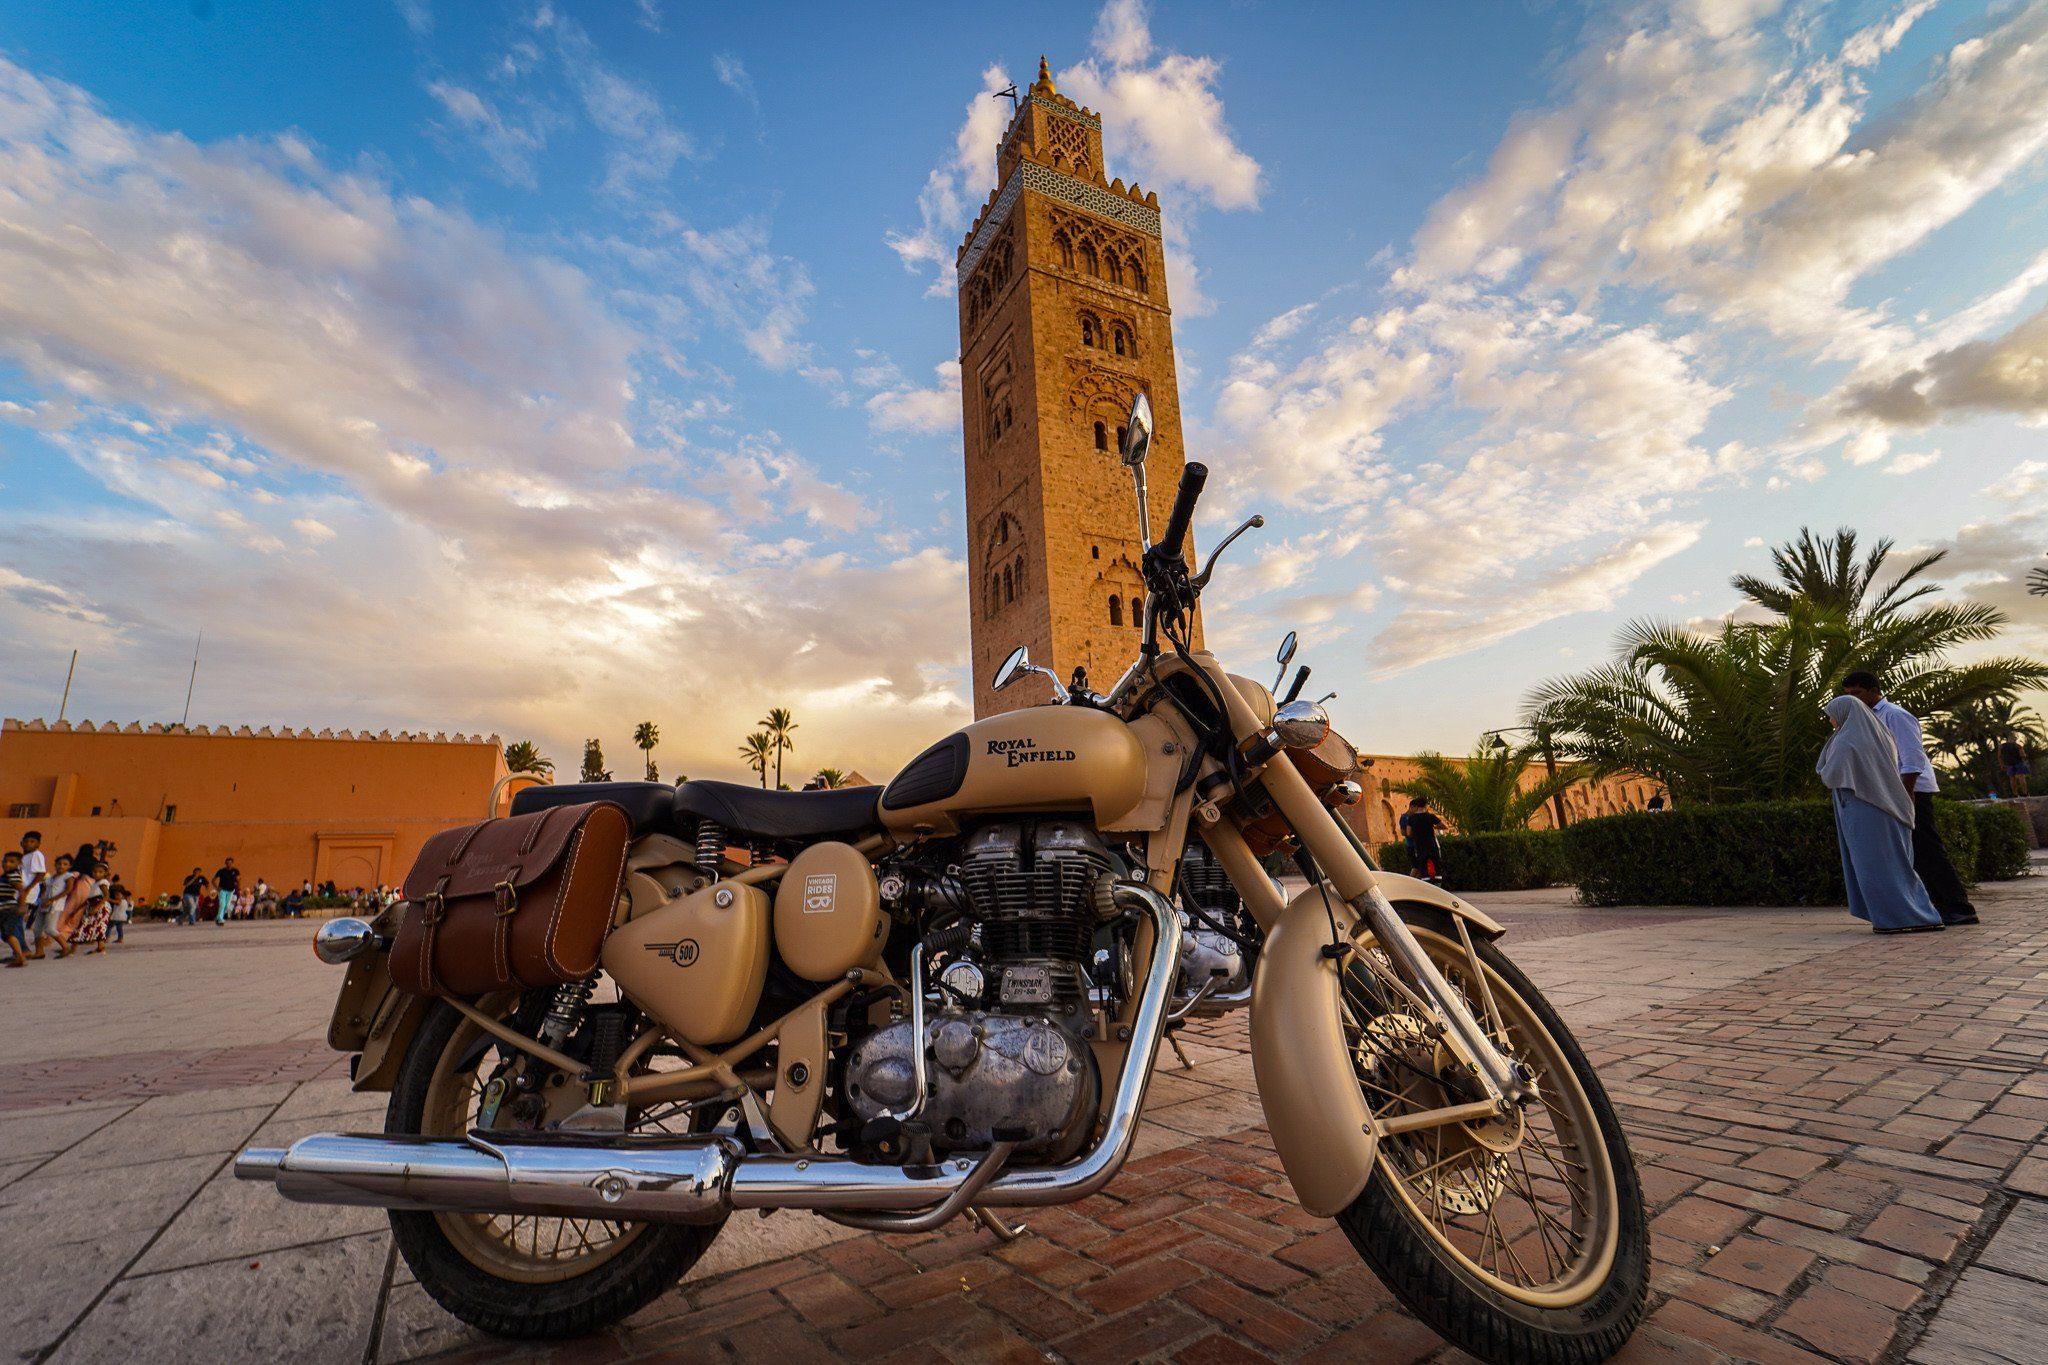 royal enfield in marrakesh